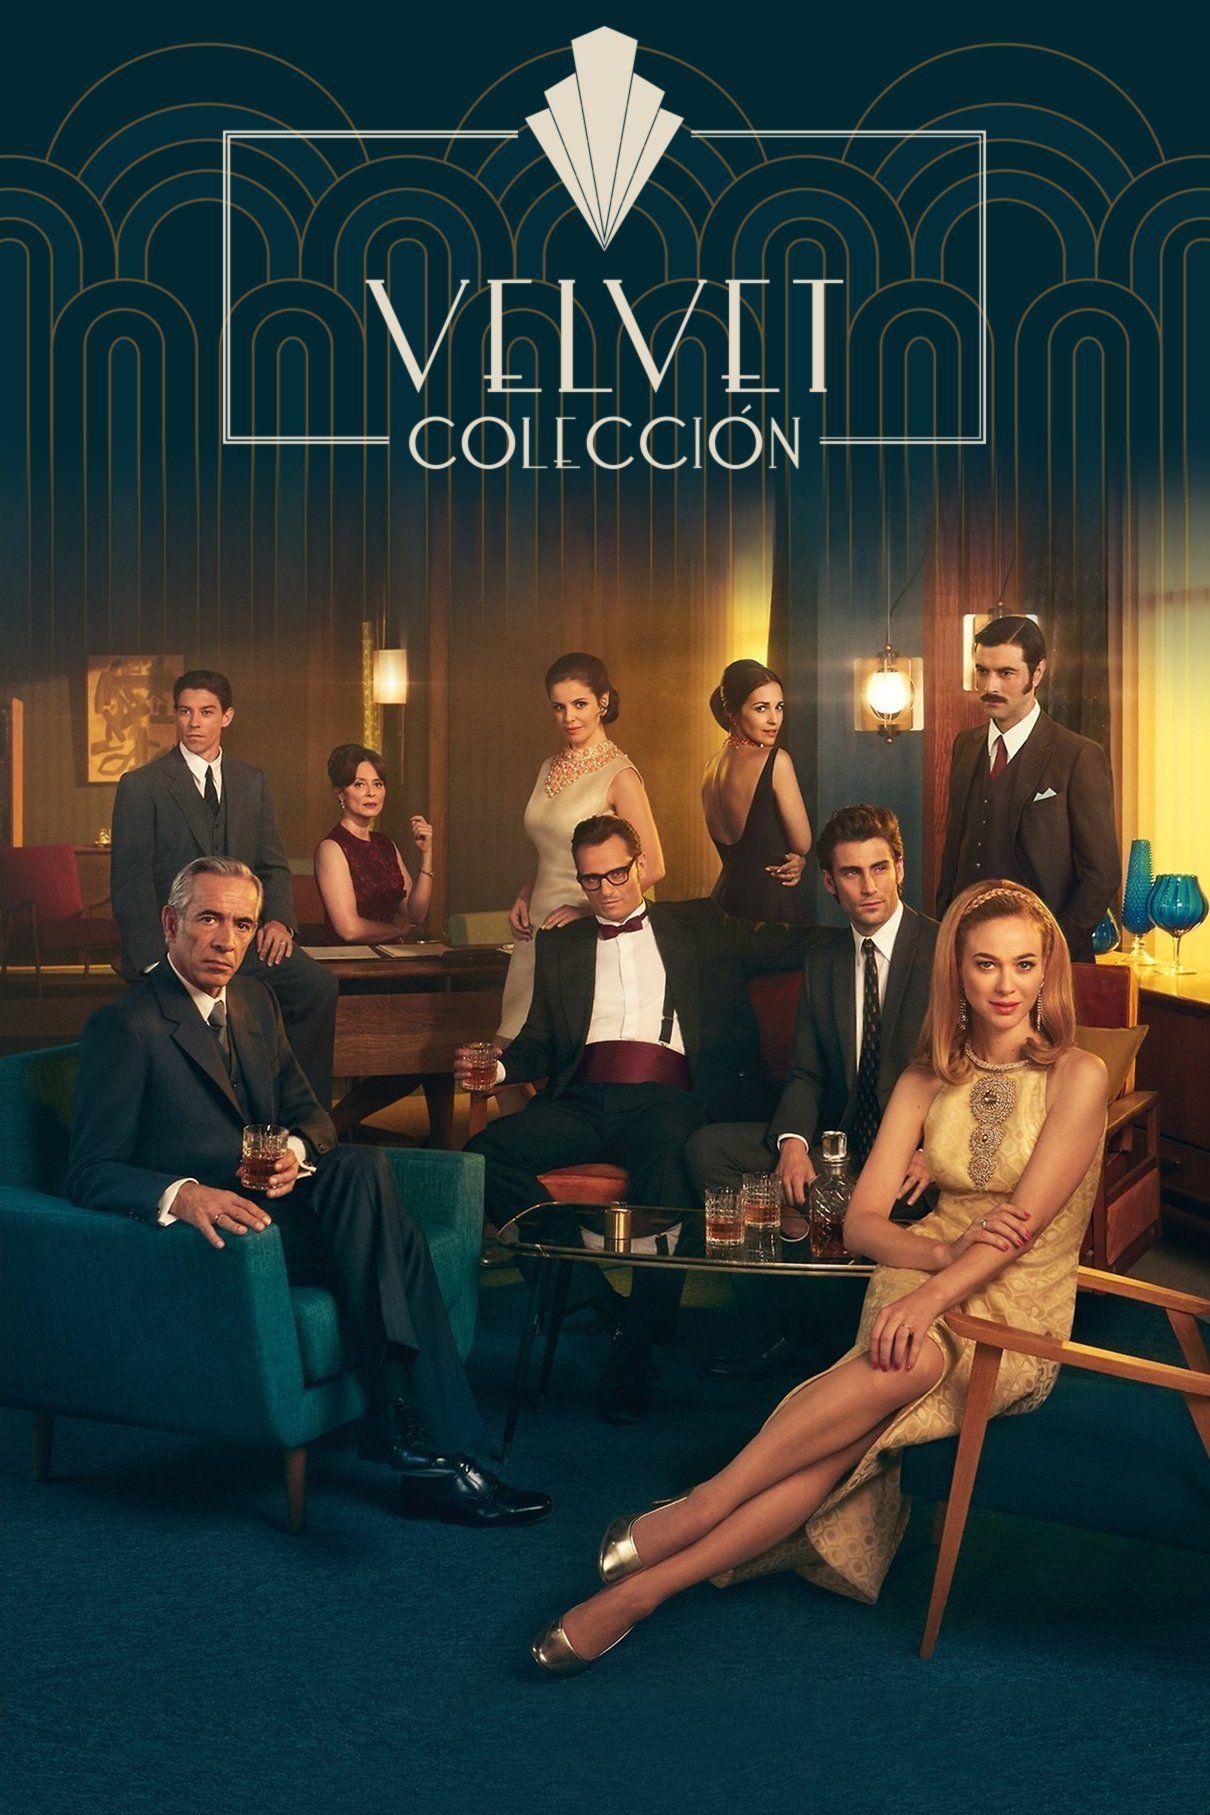 Velvet kolekcija (1 Sezonas) / Velvet Coleccion Season  1